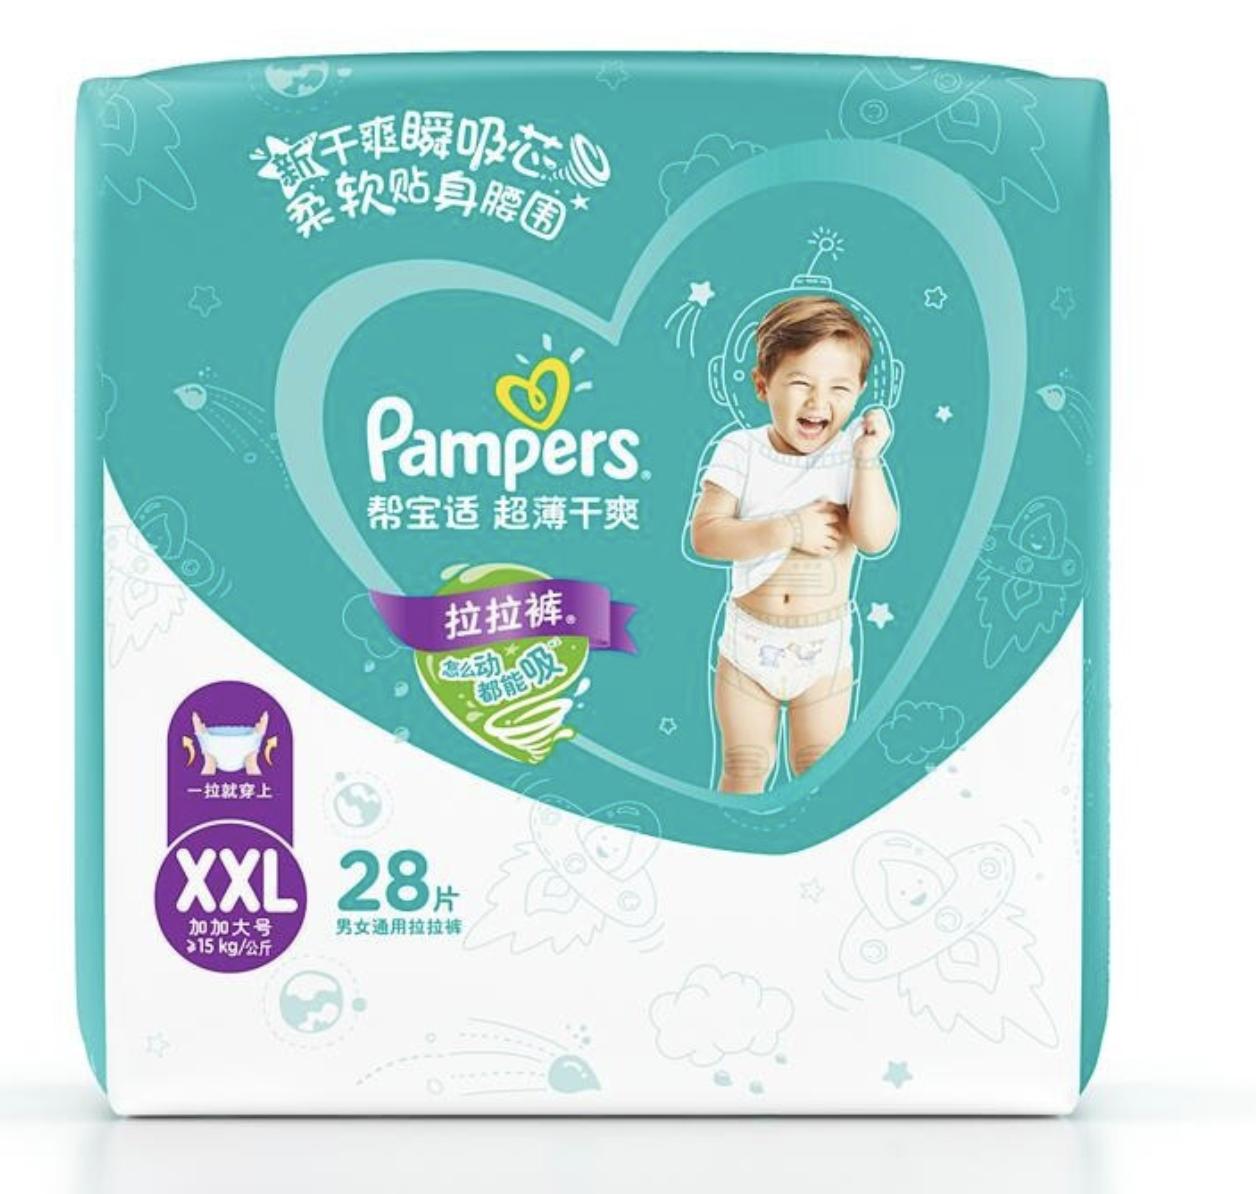 Pampers 帮宝适 绿帮系列 通用拉拉裤 XXL28片